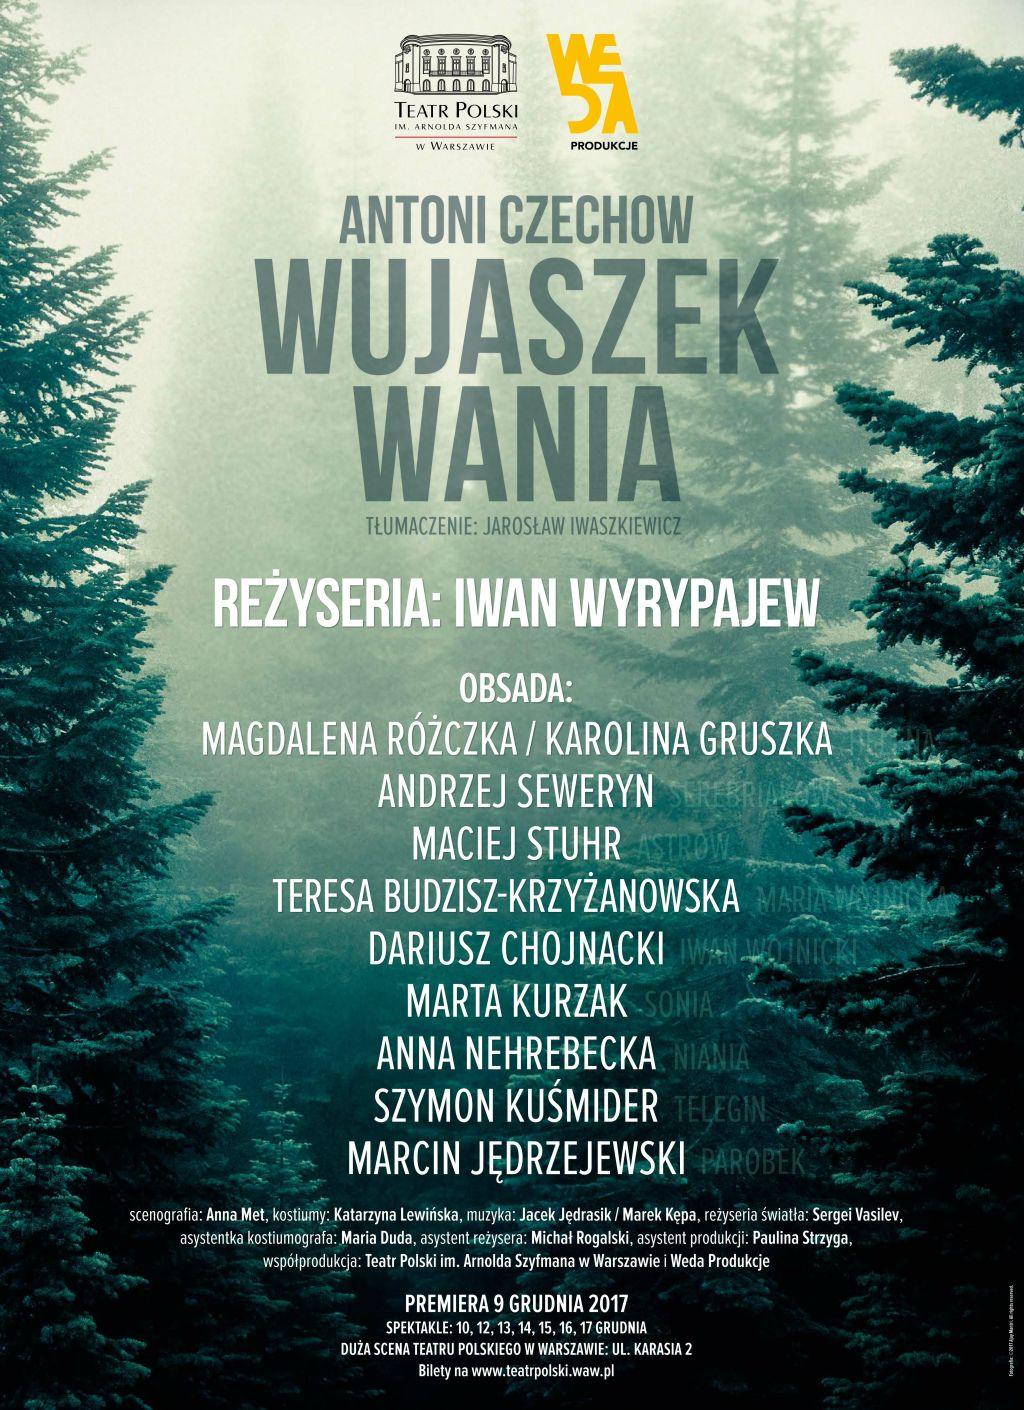 """Antoni Czechow, """"Wujaszek Wania"""", reż. Iwan Wyrypajew"""